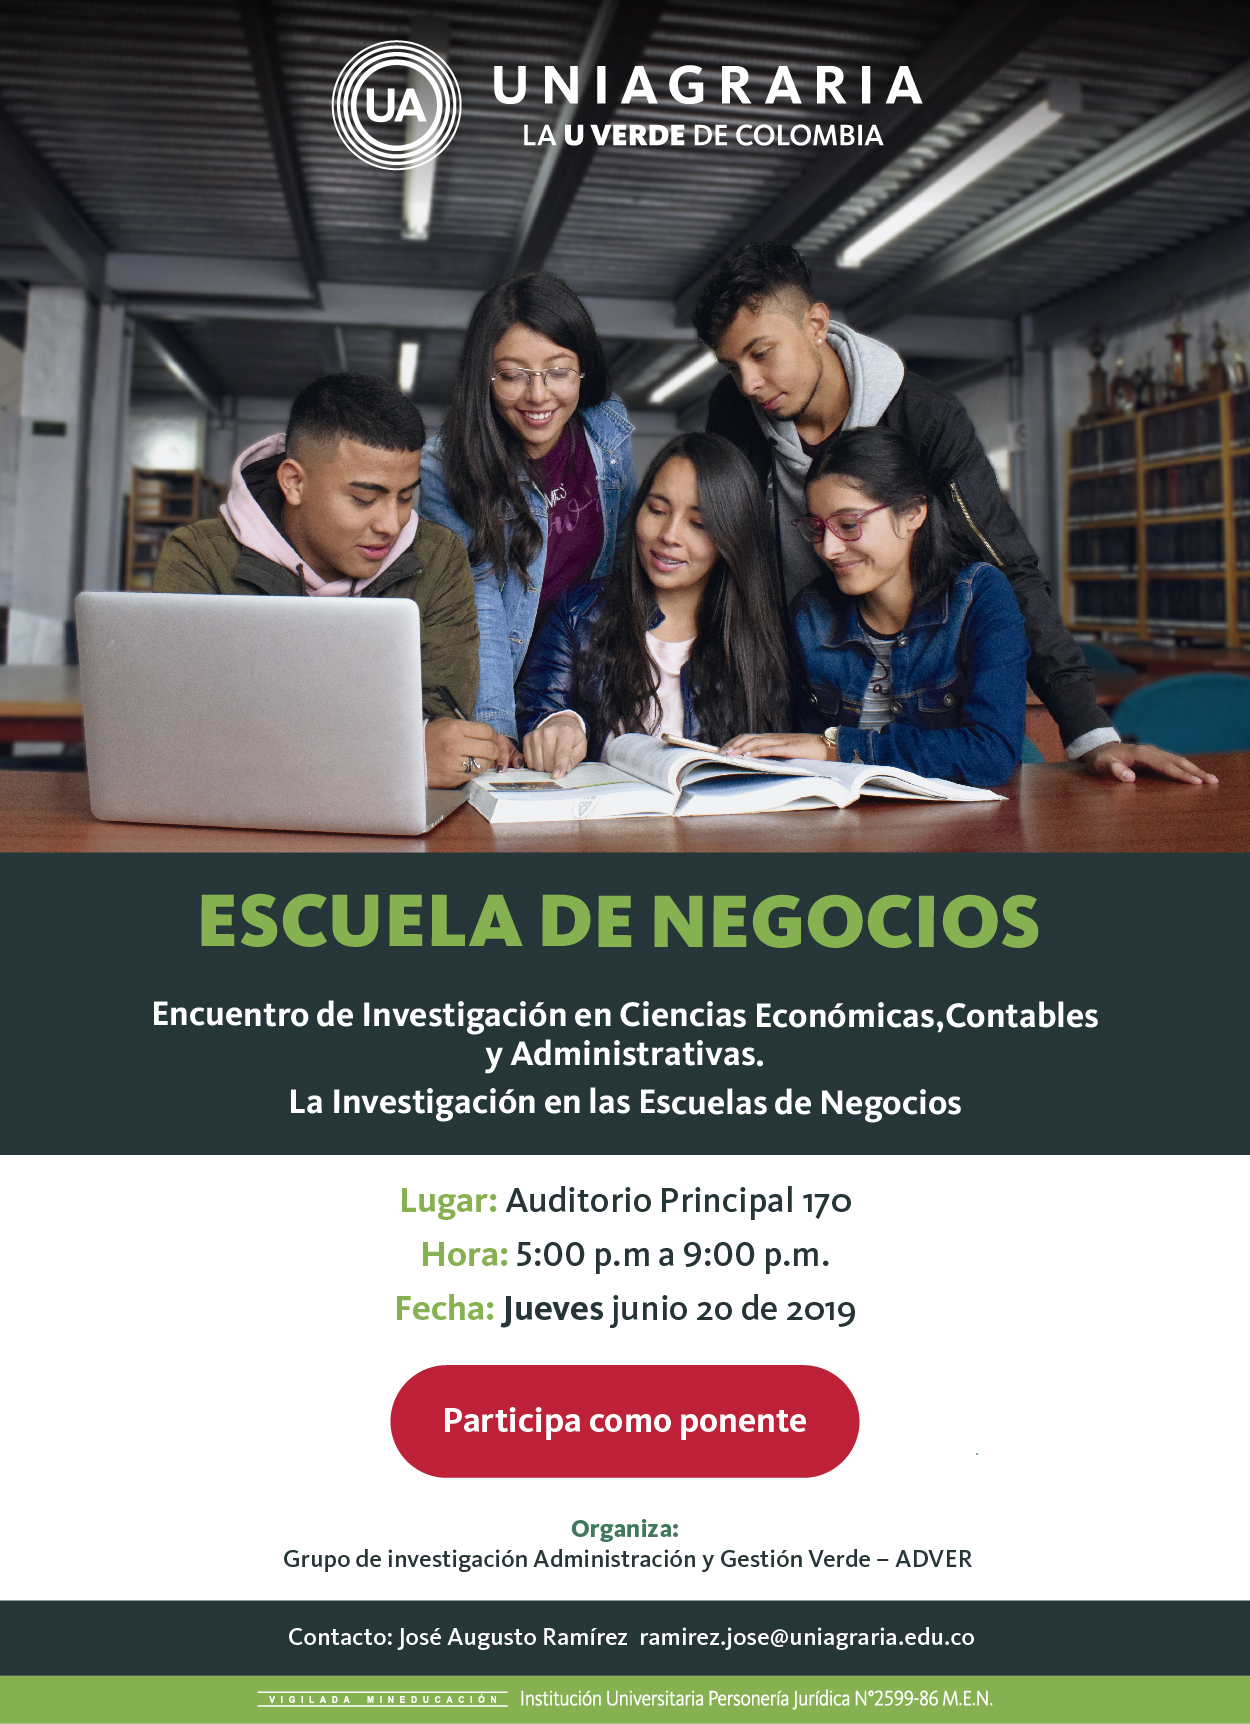 La investigación en las Escuelas de Negocios